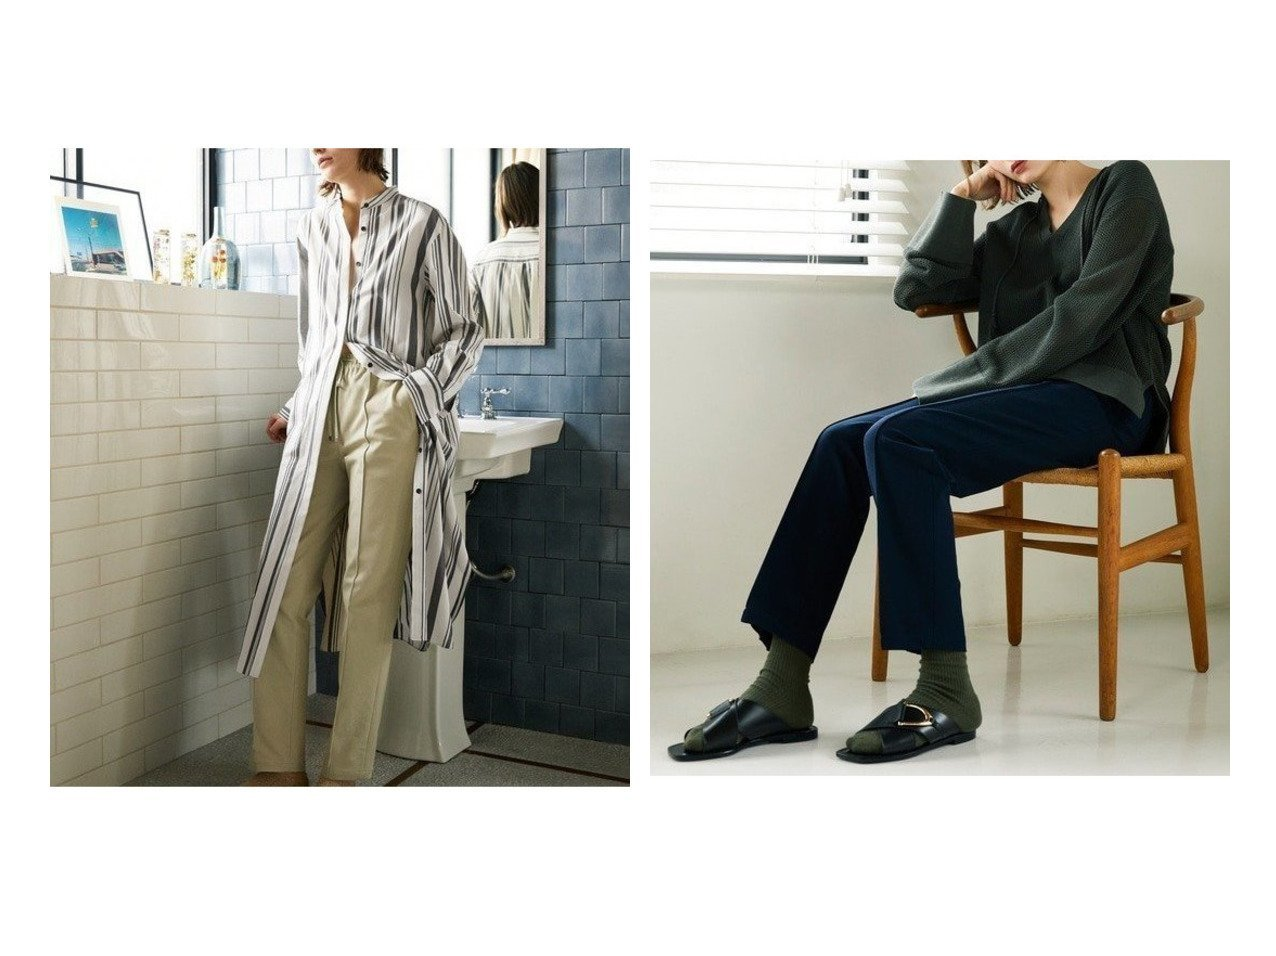 【JOSEPH/ジョゼフ】のギャバジンストレッチ イージーパンツ JOSEPHのおすすめ!人気、トレンド・レディースファッションの通販 おすすめで人気の流行・トレンド、ファッションの通販商品 メンズファッション・キッズファッション・インテリア・家具・レディースファッション・服の通販 founy(ファニー) https://founy.com/ ファッション Fashion レディースファッション WOMEN パンツ Pants 送料無料 Free Shipping ストレッチ パッチ ベーシック ポケット リラックス 定番 Standard |ID:crp329100000019213